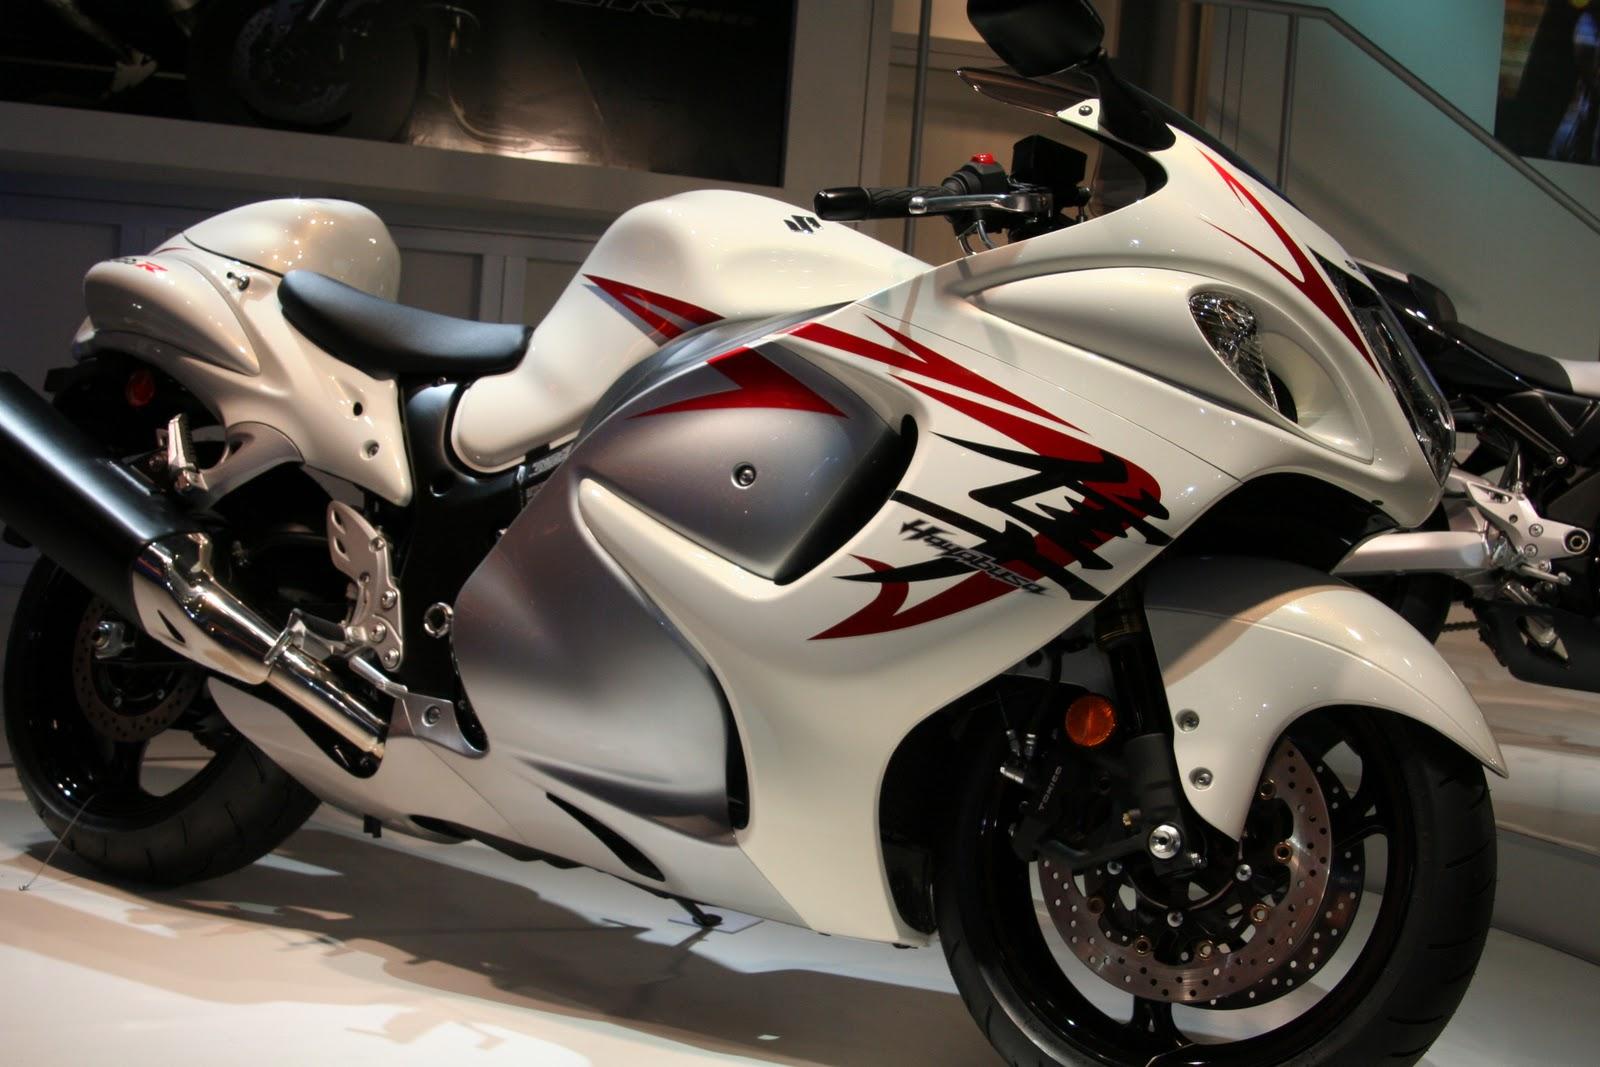 Motos Hayabusa Fotos E Imagens Imagens Em V 237 Deo